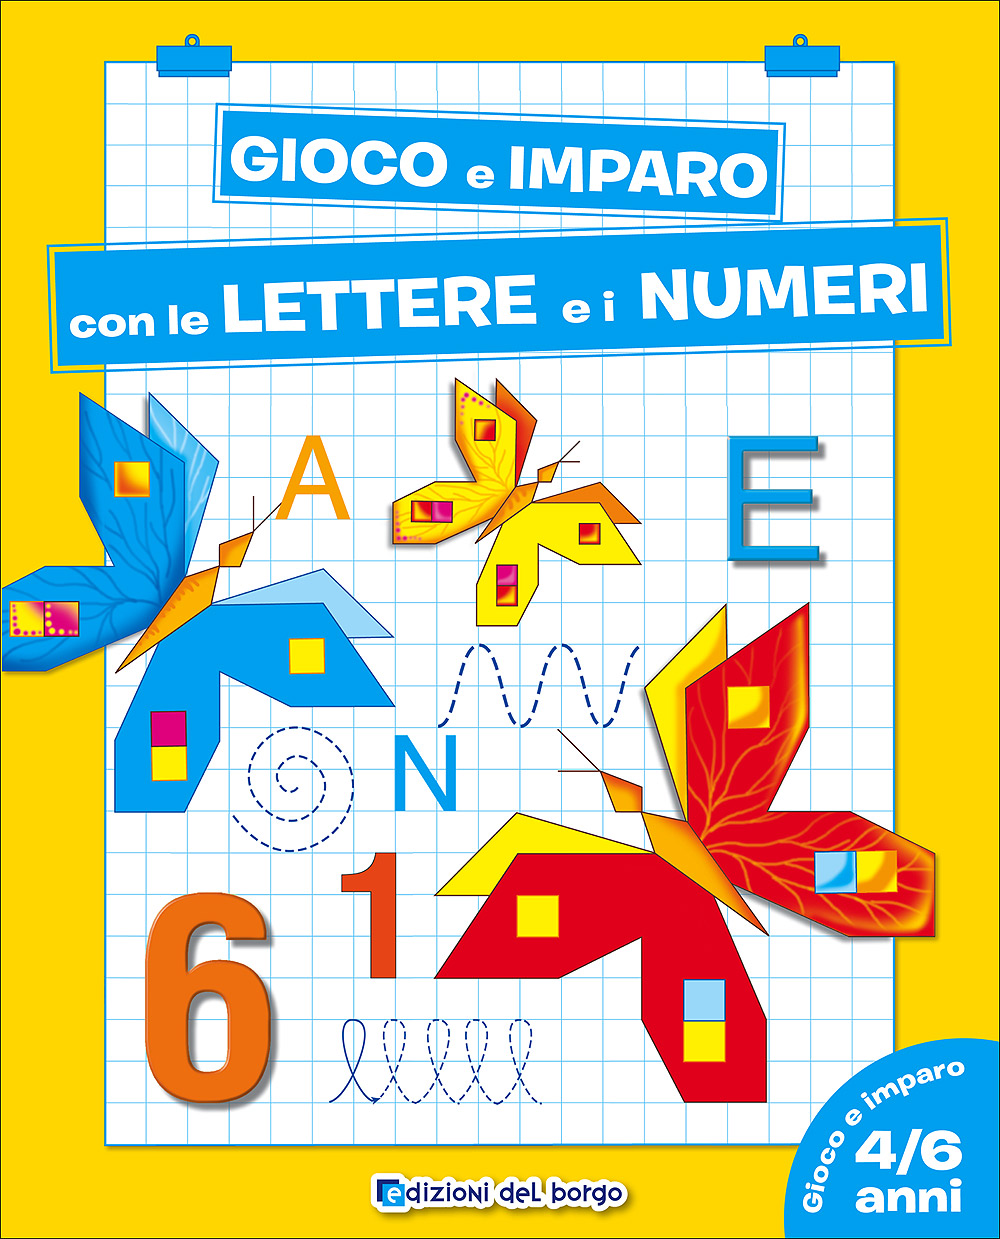 Gioco e imparo con le Lettere e i Numeri - 4/6 anni